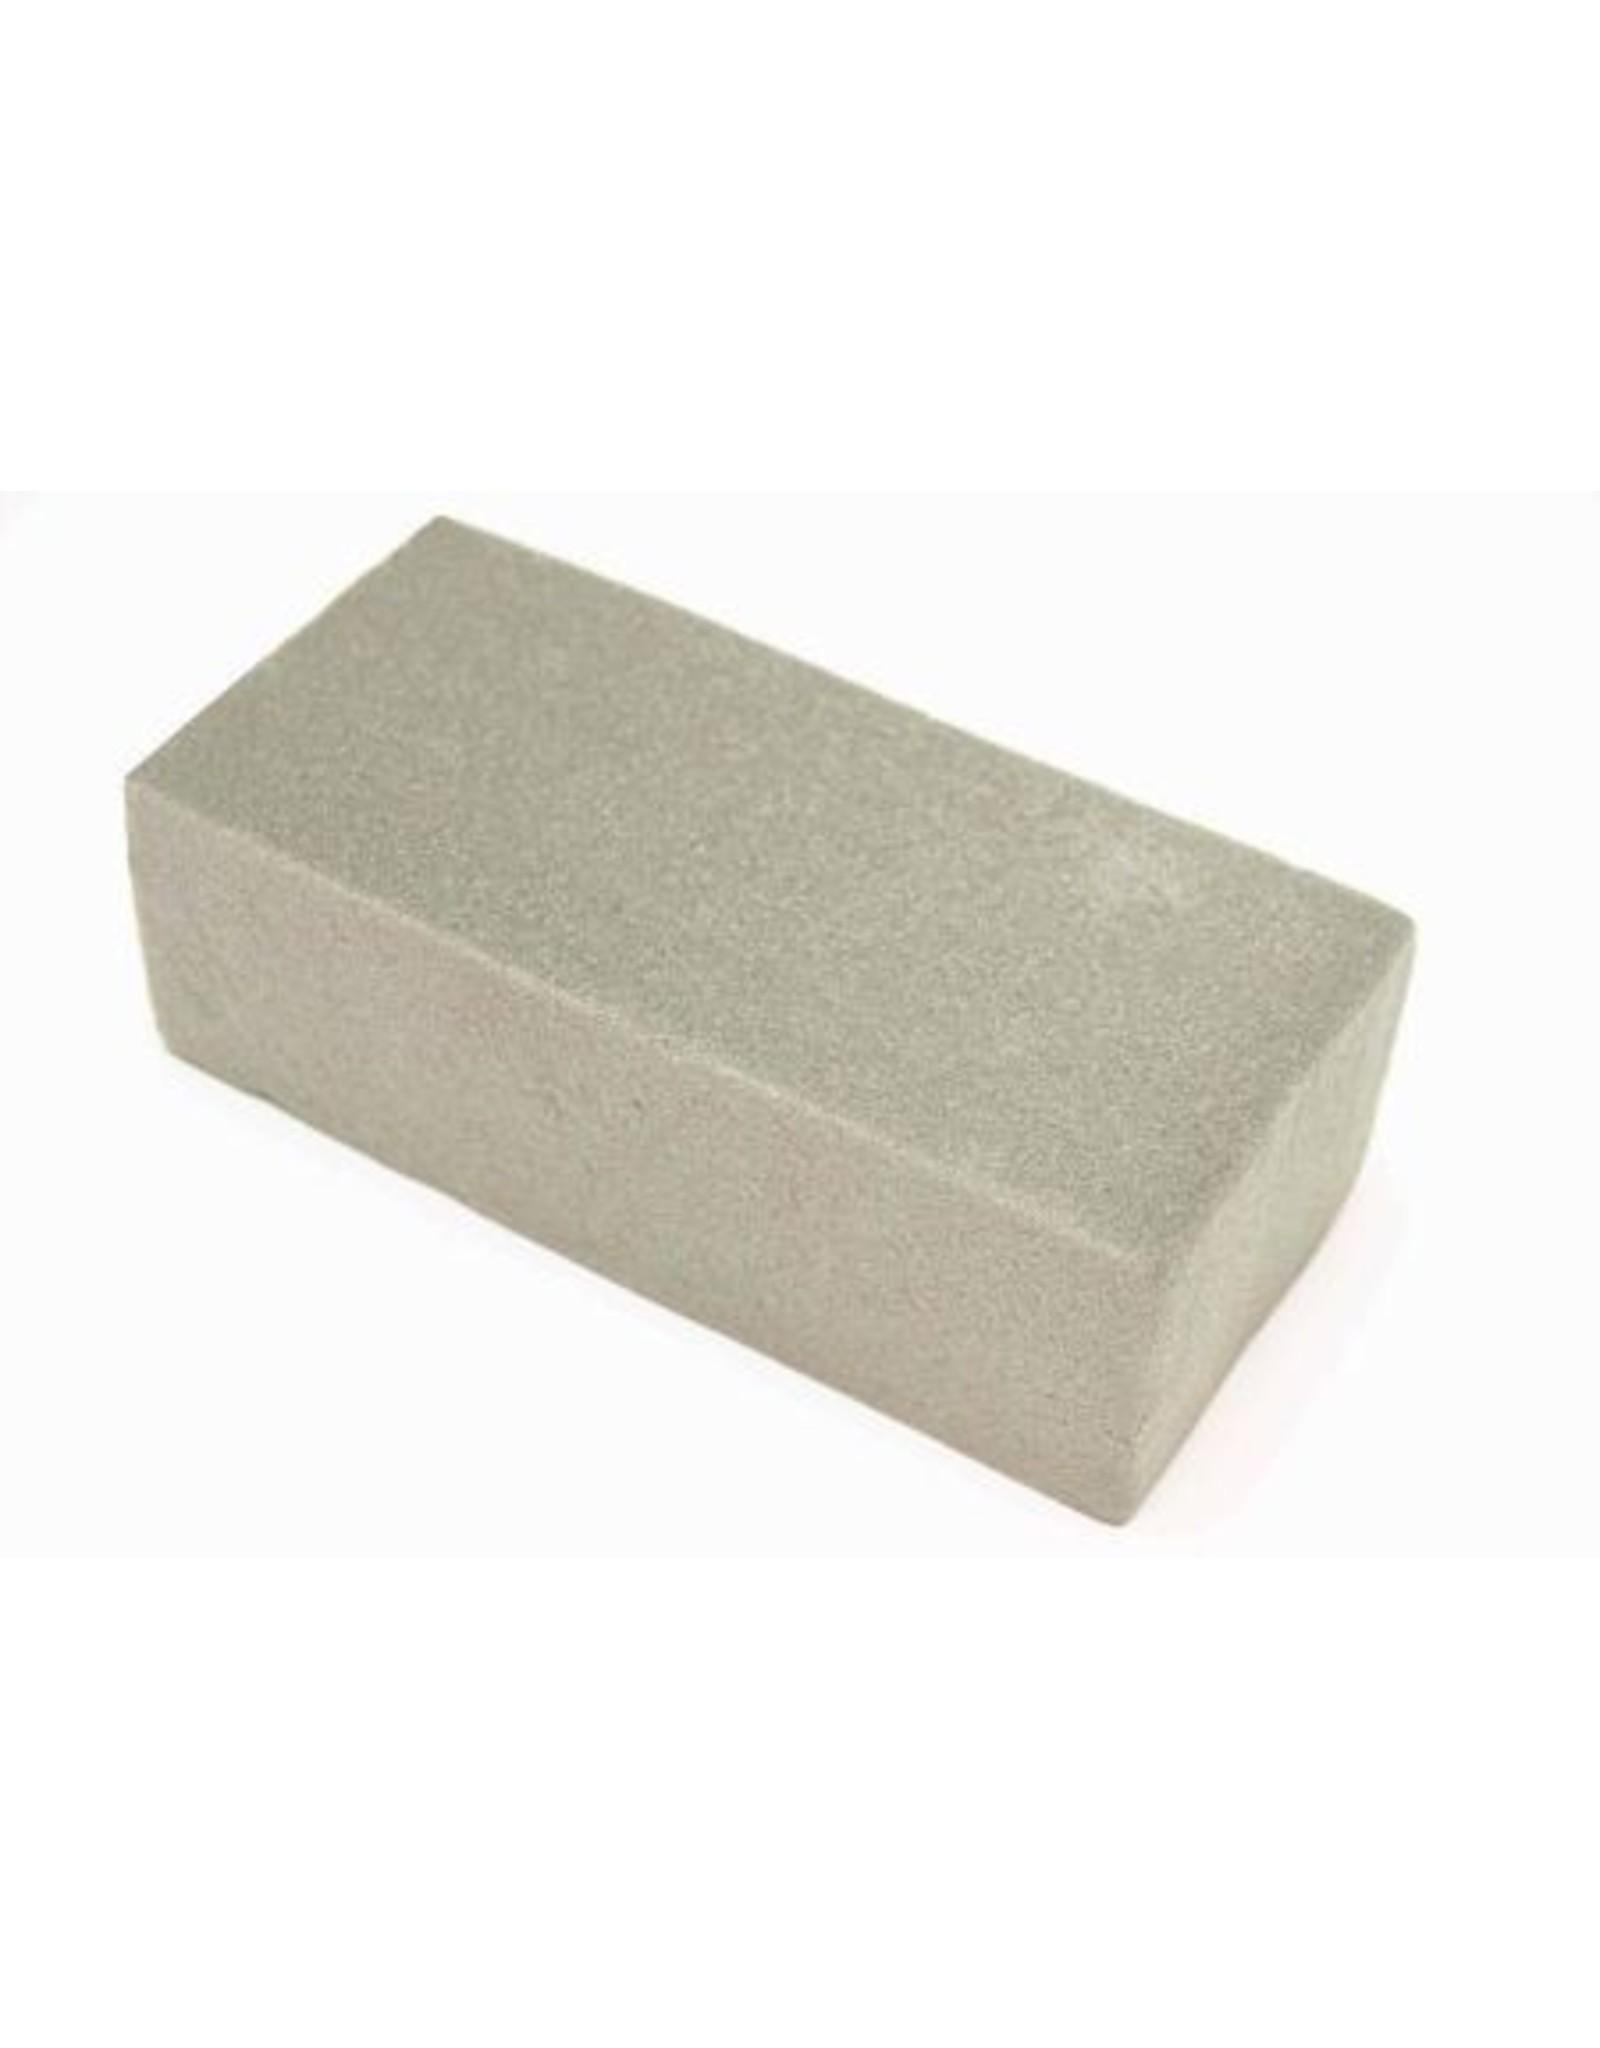 HD Basic Brick Dry Sld Foam L20.0w10.0h7.5 x 20